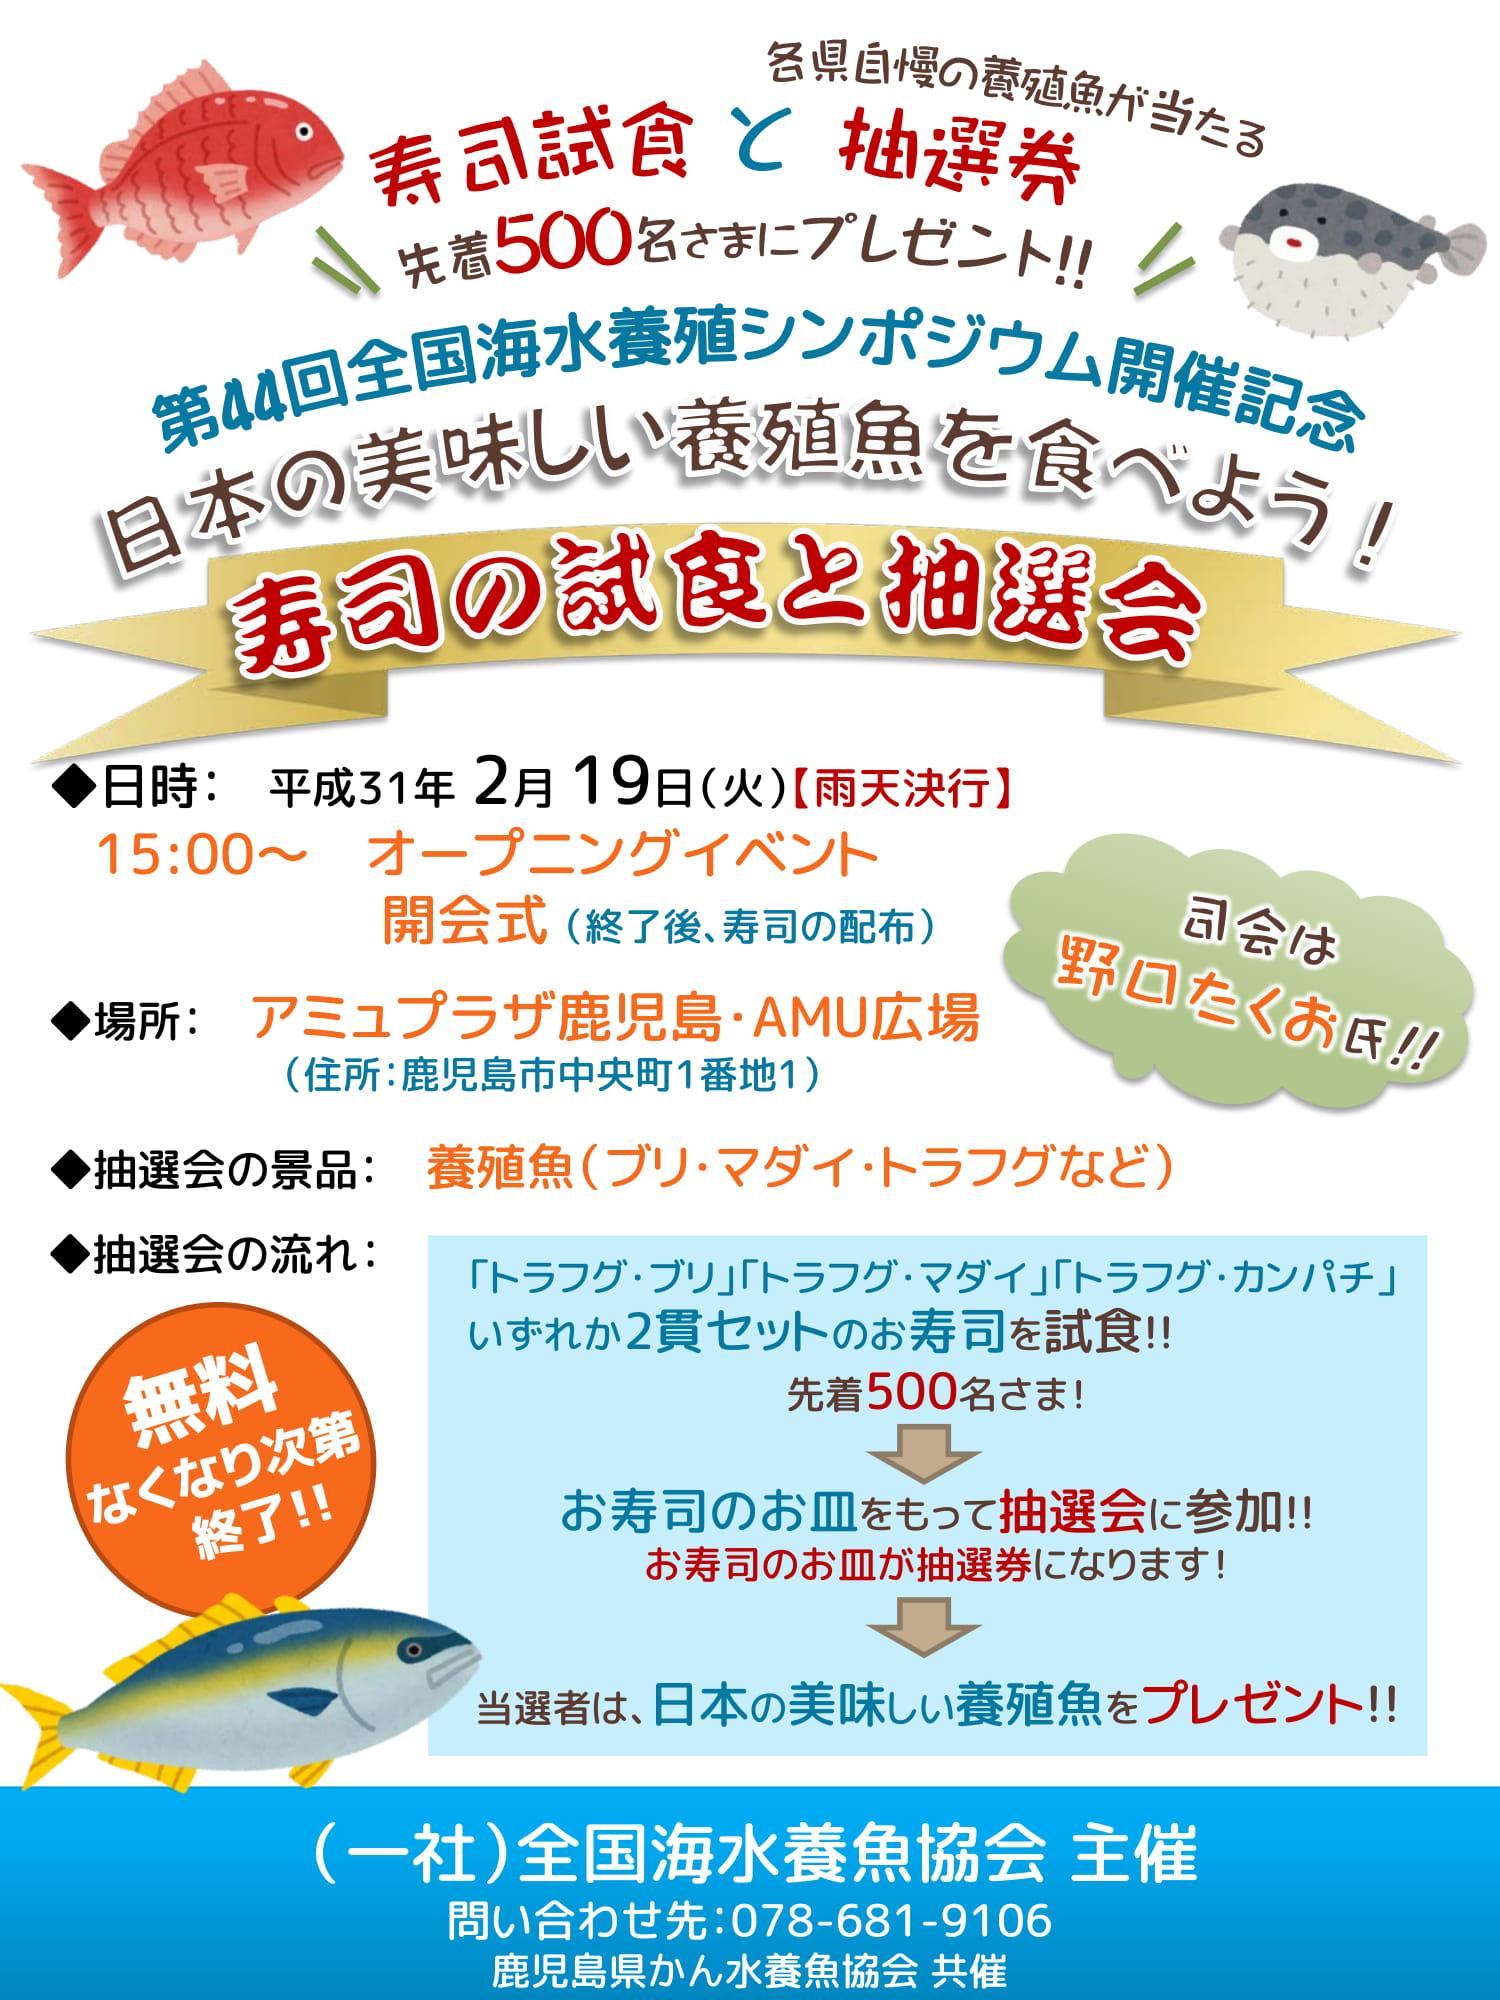 「日本の美味しい養殖魚をたべよう!寿司の試食と抽選会」2/19(火)開催!